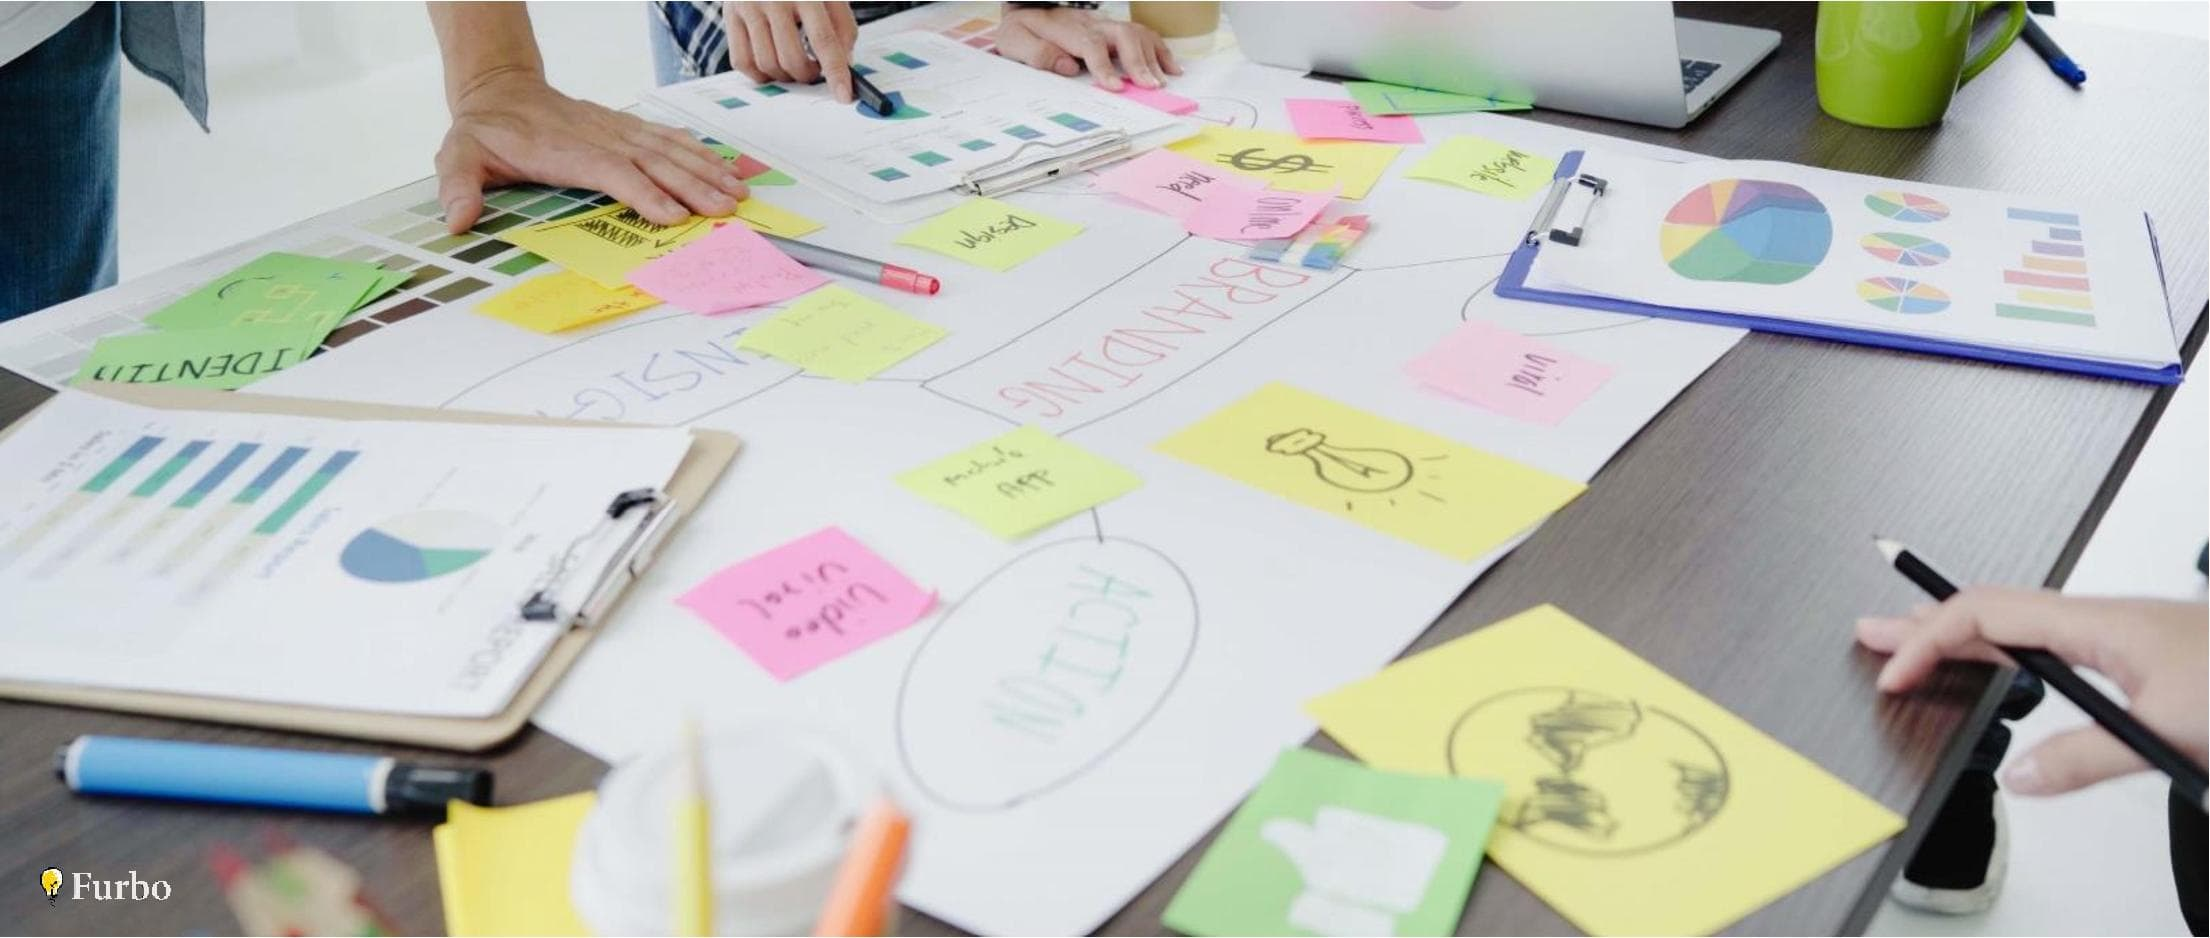 آموزش برنامهریزی کسب و کار با رویکرد هدفگذاری